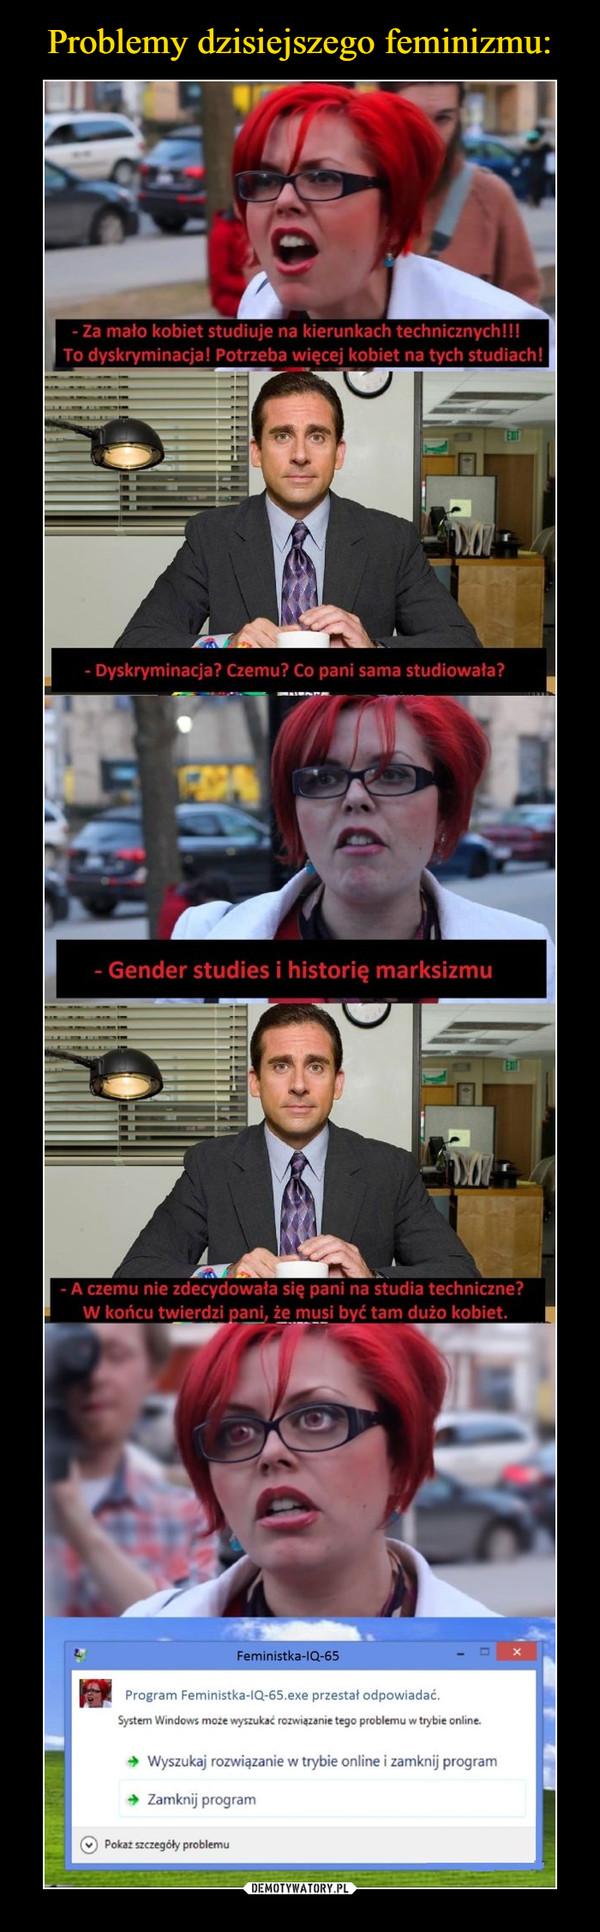 –  - Za mało kobiet studiuje na kierunkach technicznych!!! To dyskryminacja! Potrzeba więcej kobiet na tych studiach! - Dyskryminacja? Czemu? Co pani sama studiowała? - Gender studies i historię marksizmu - A czemu nie zdecydowała się pani na studia techniczne? W końcu twierdzi pani, że musi być tam dużo kobiet. Program Feministka-IQ-65.exe przestał odpowiadać. System Windows moze wyszukać rozwiązanie tego problemu w trybie online. Wyszukaj rozwiązanie w trybie online i zamknij program + Zamknij program C) Pokaz szczegóły problemu